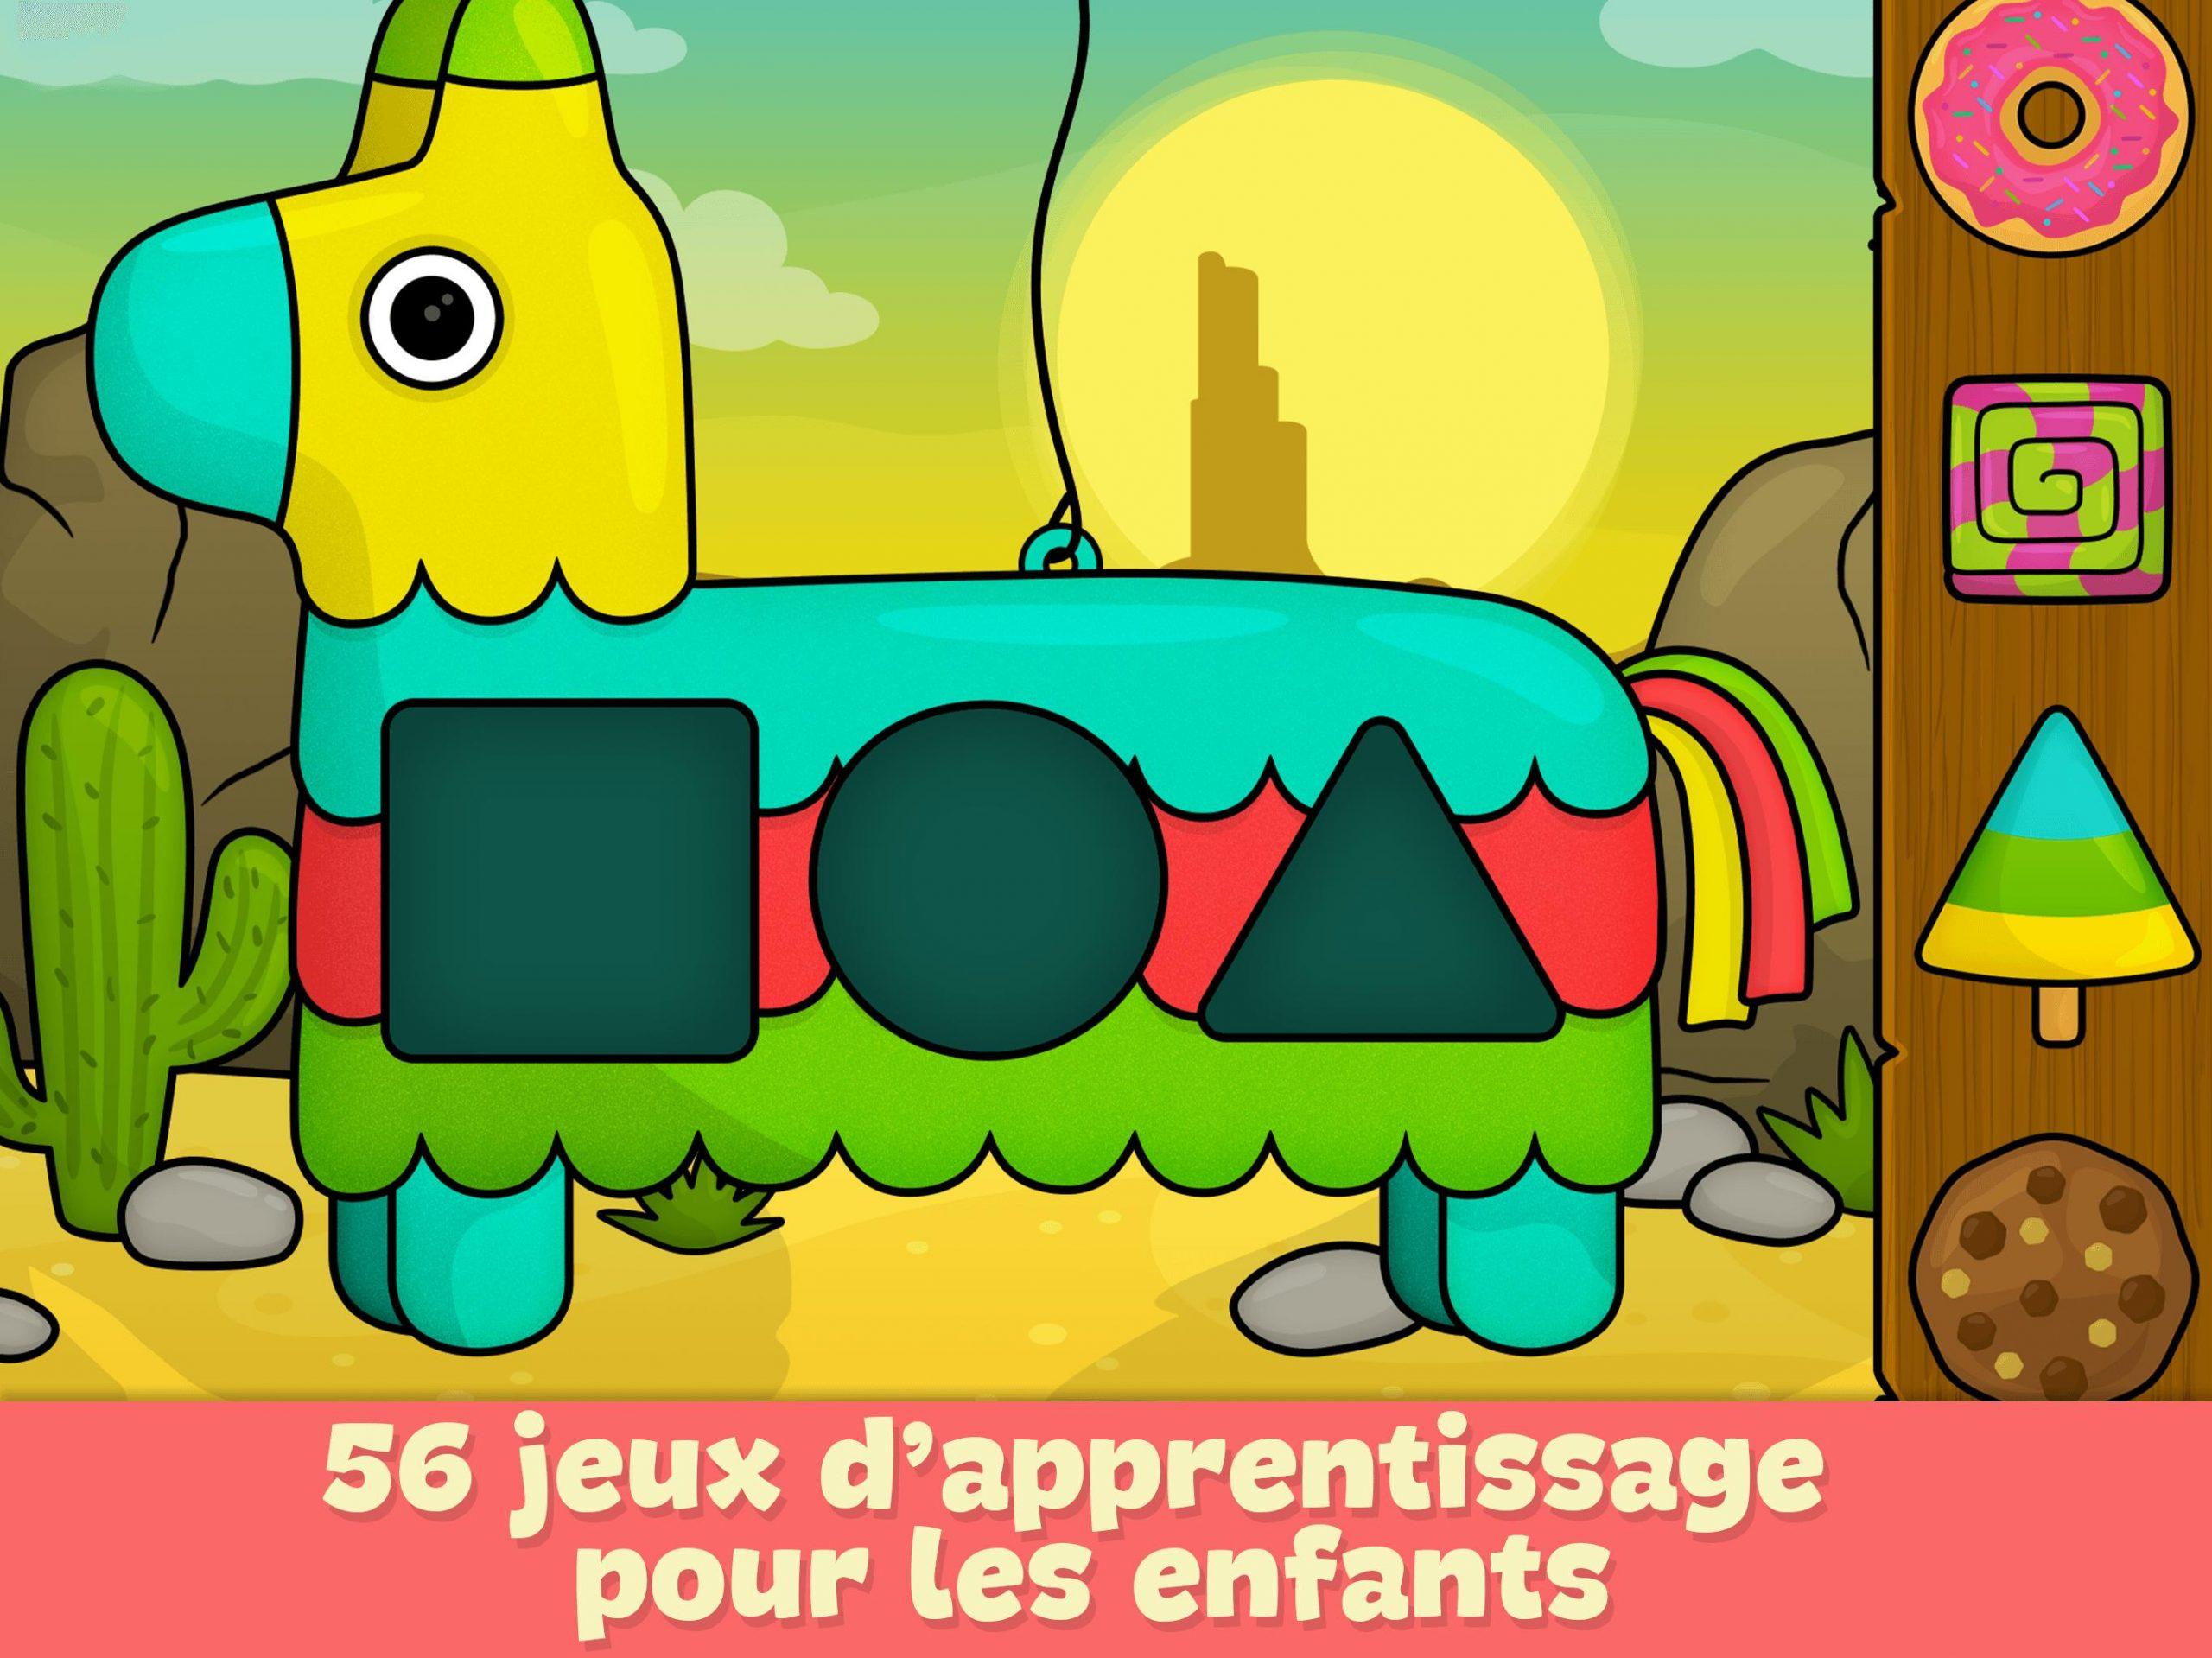 Jeux Pour Enfants 2 - 5 Ans Pour Android - Téléchargez L'apk pour Jeu Pour Petit Garcon De 2 Ans